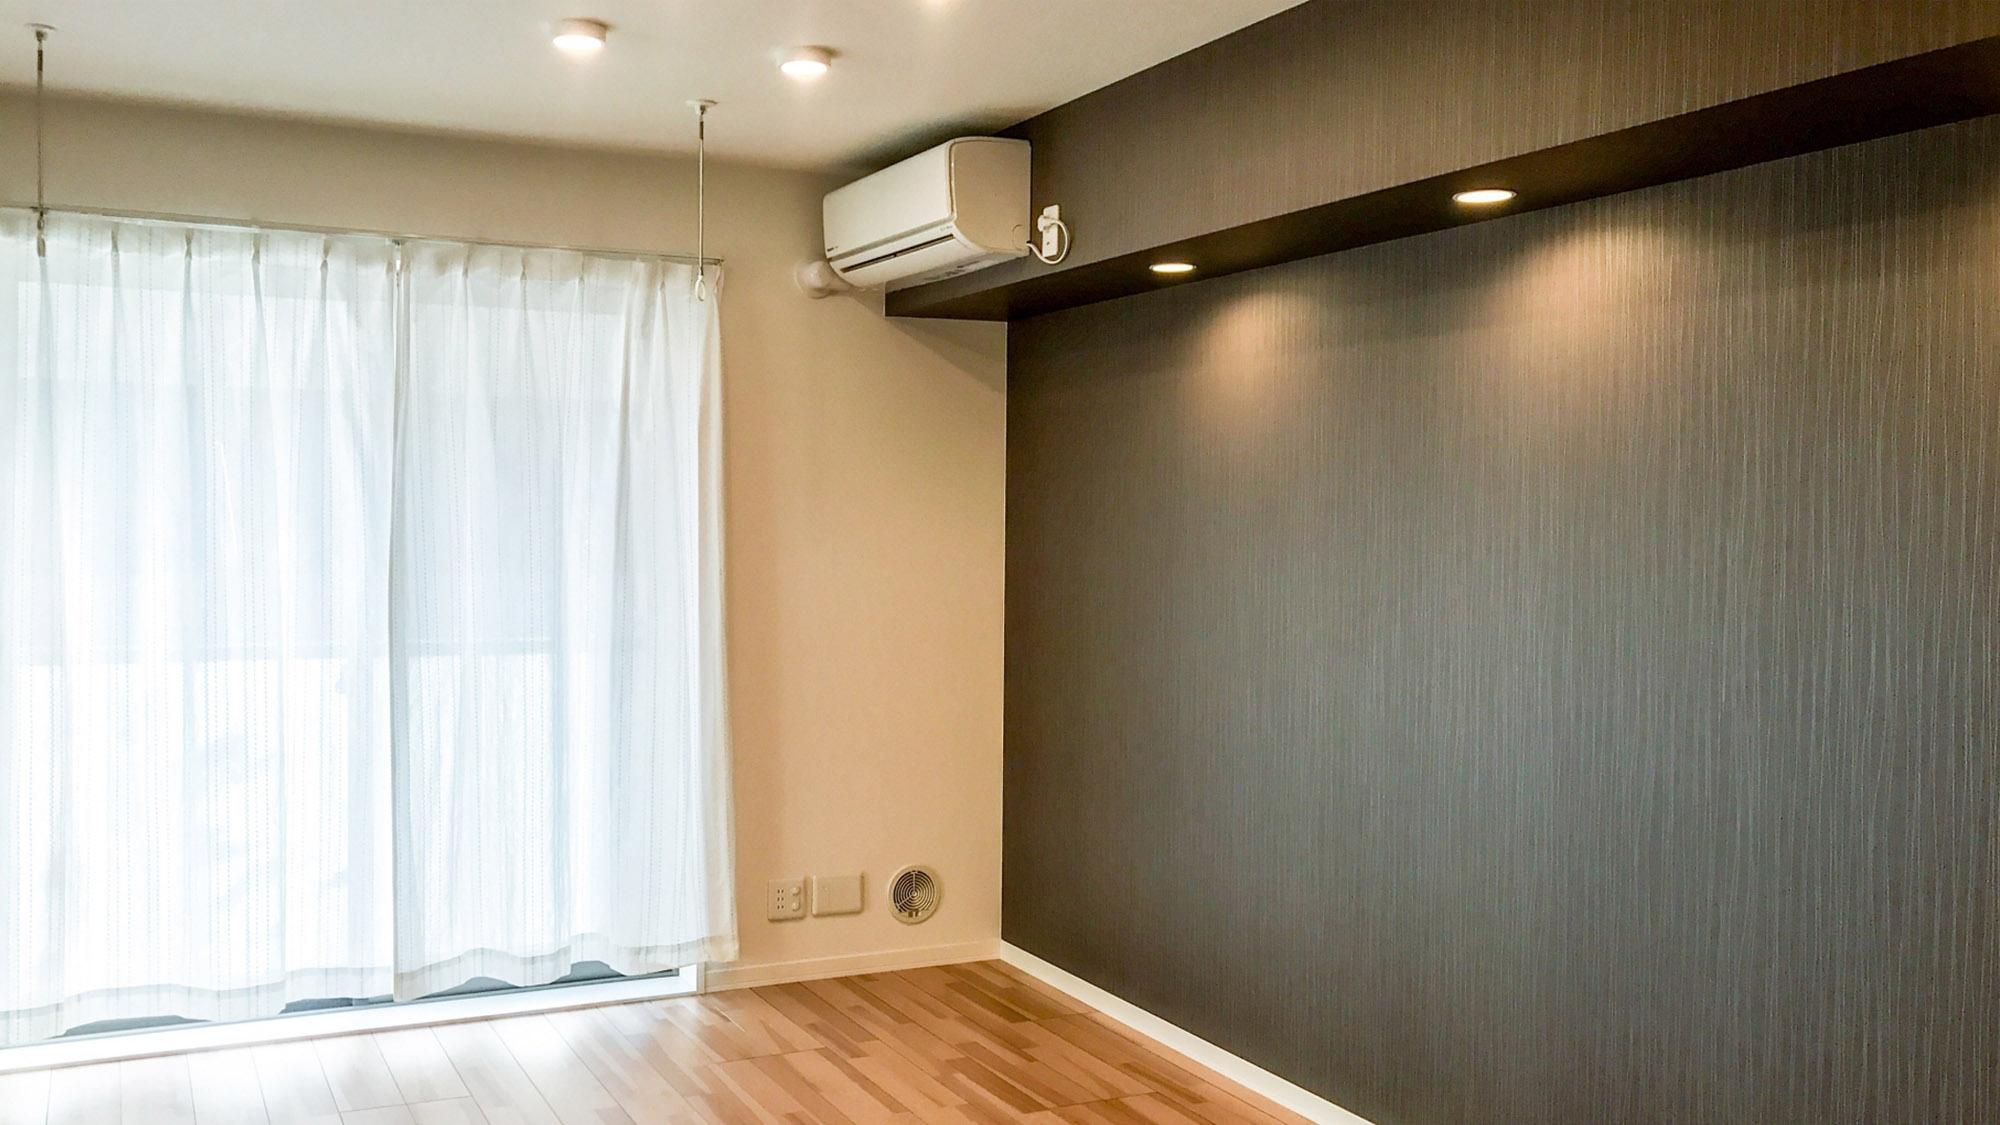 マンションの照明選びのポイントは?照明の色や部屋の用途別に紹介